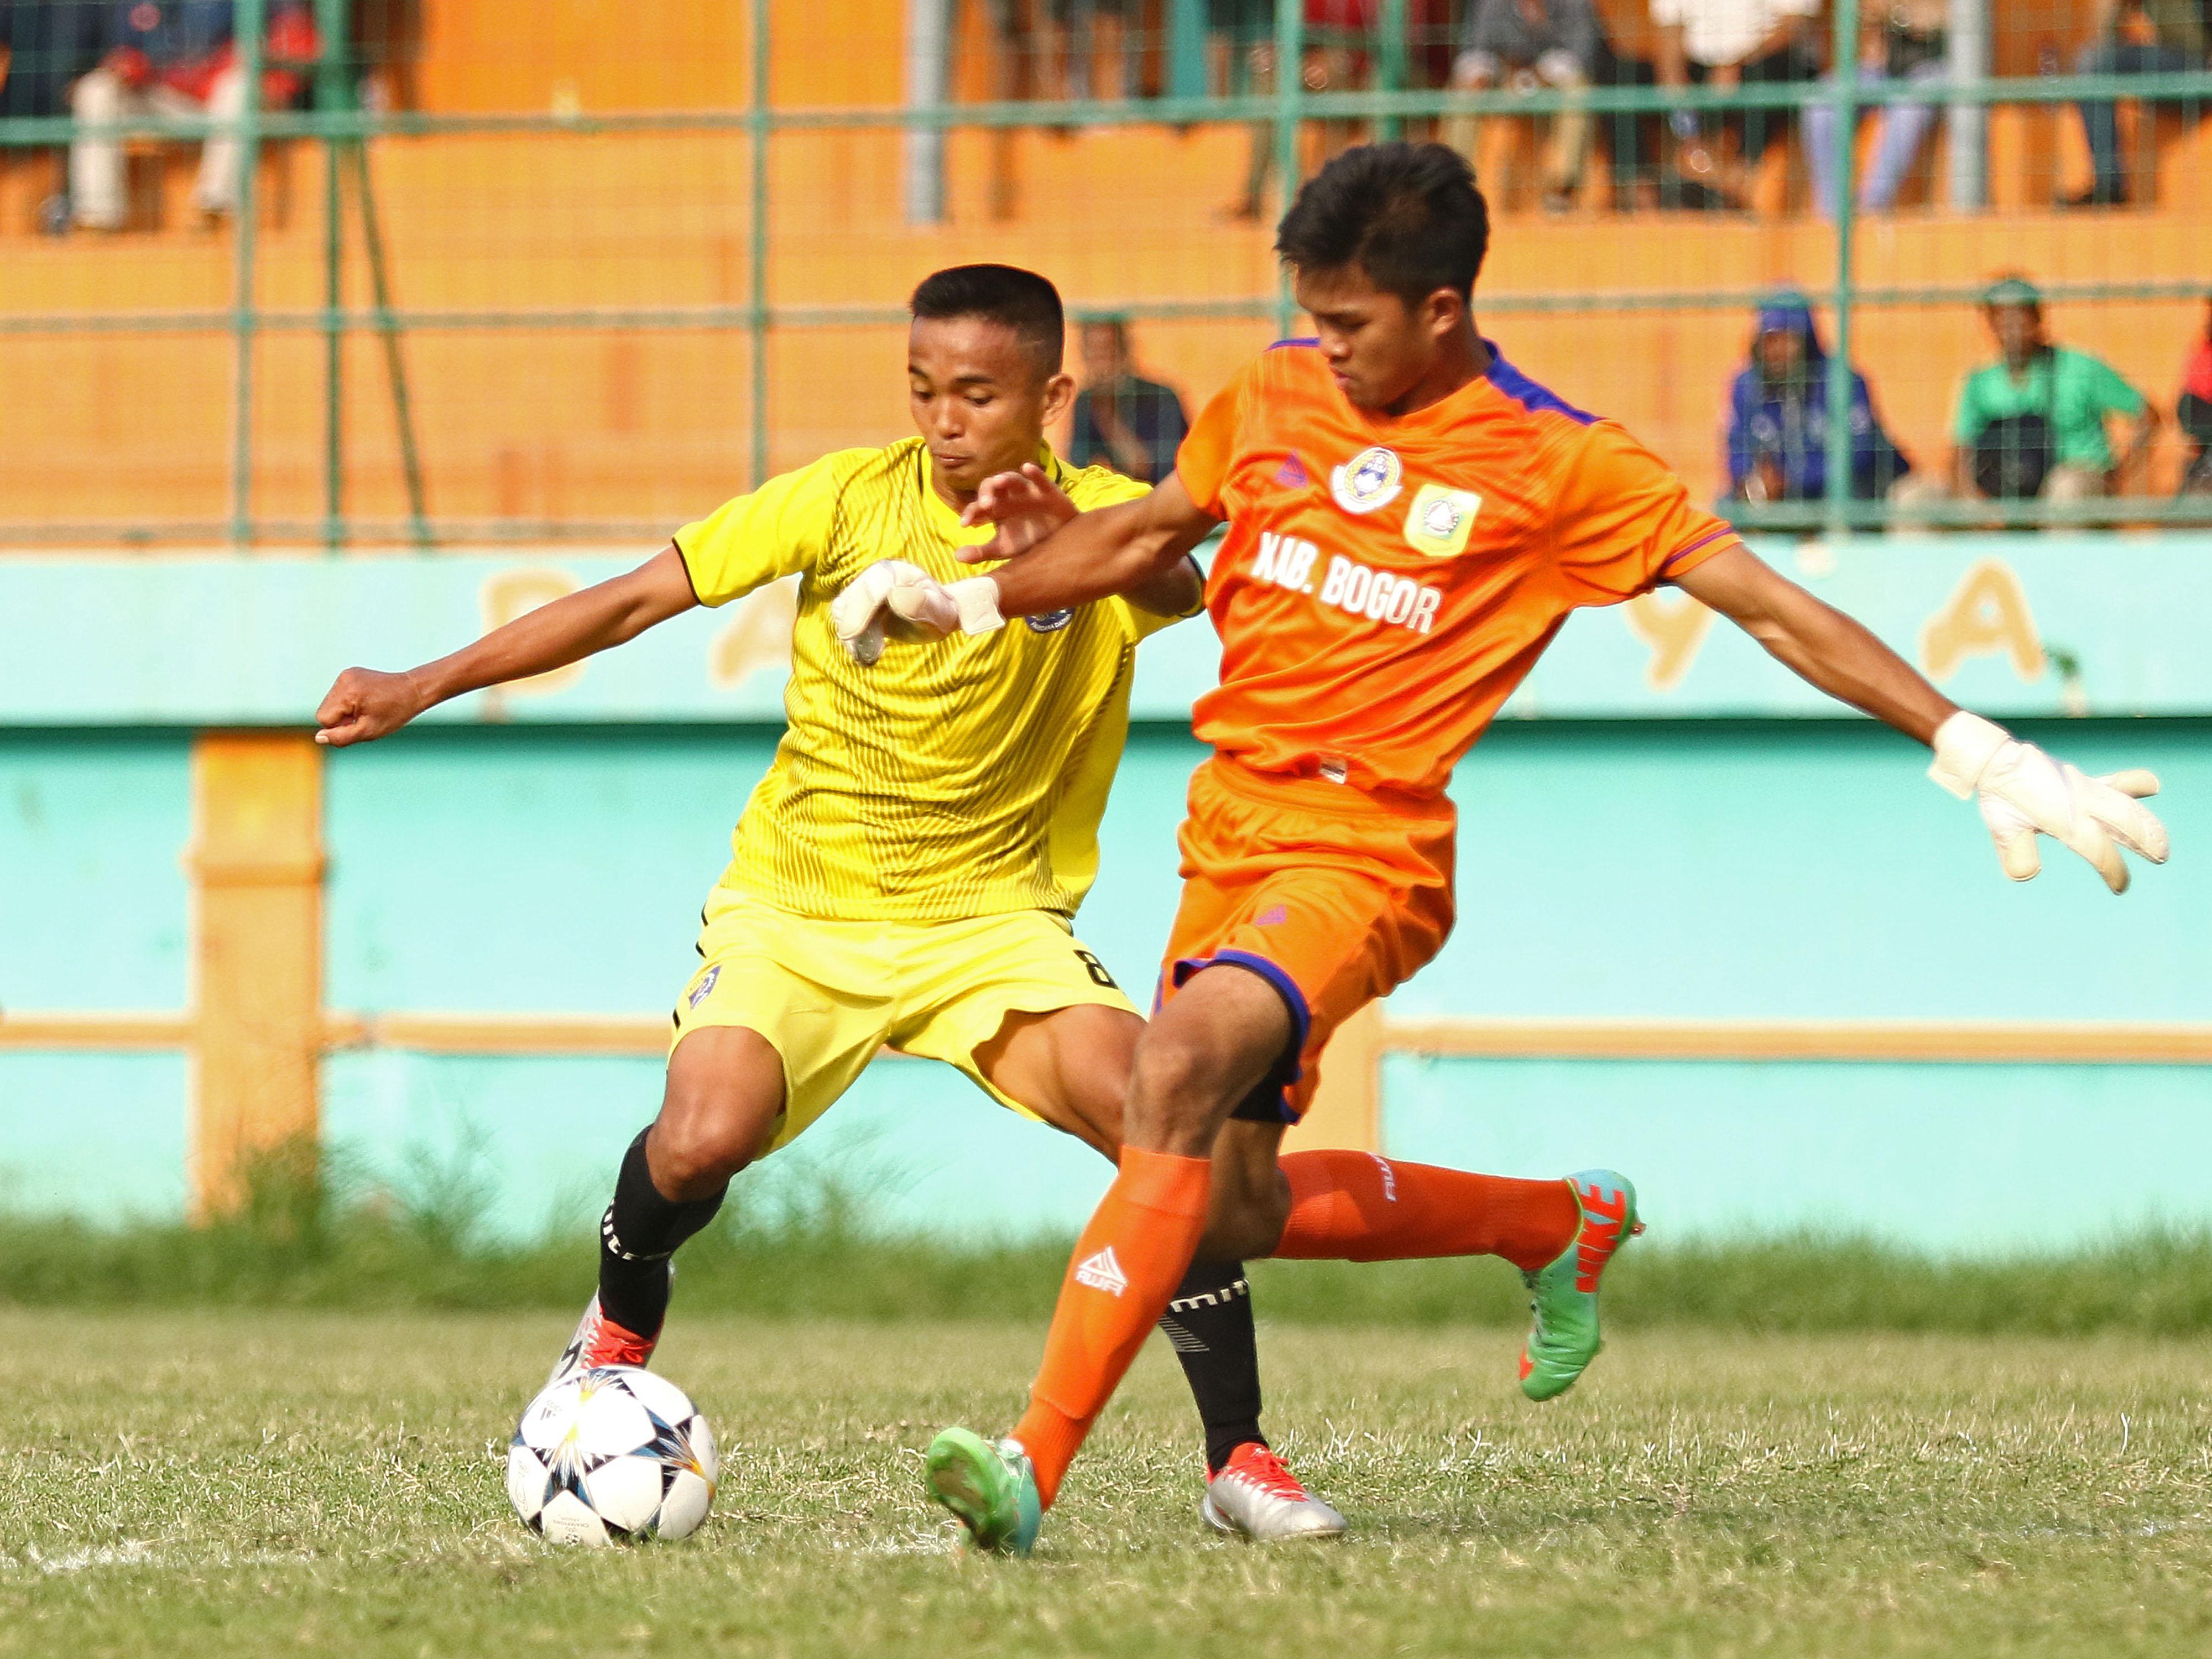 Pesepak Bola Kota Depok, Dimas Alfian (kiri) beraksi pada babak perempat final PORDA Jabar XIII-2018 melawan Kab. Bogor di Stadion Persikabo, Bogor, Selasa (9/10). KONI KOTA DEPOK/Faruqi/2018